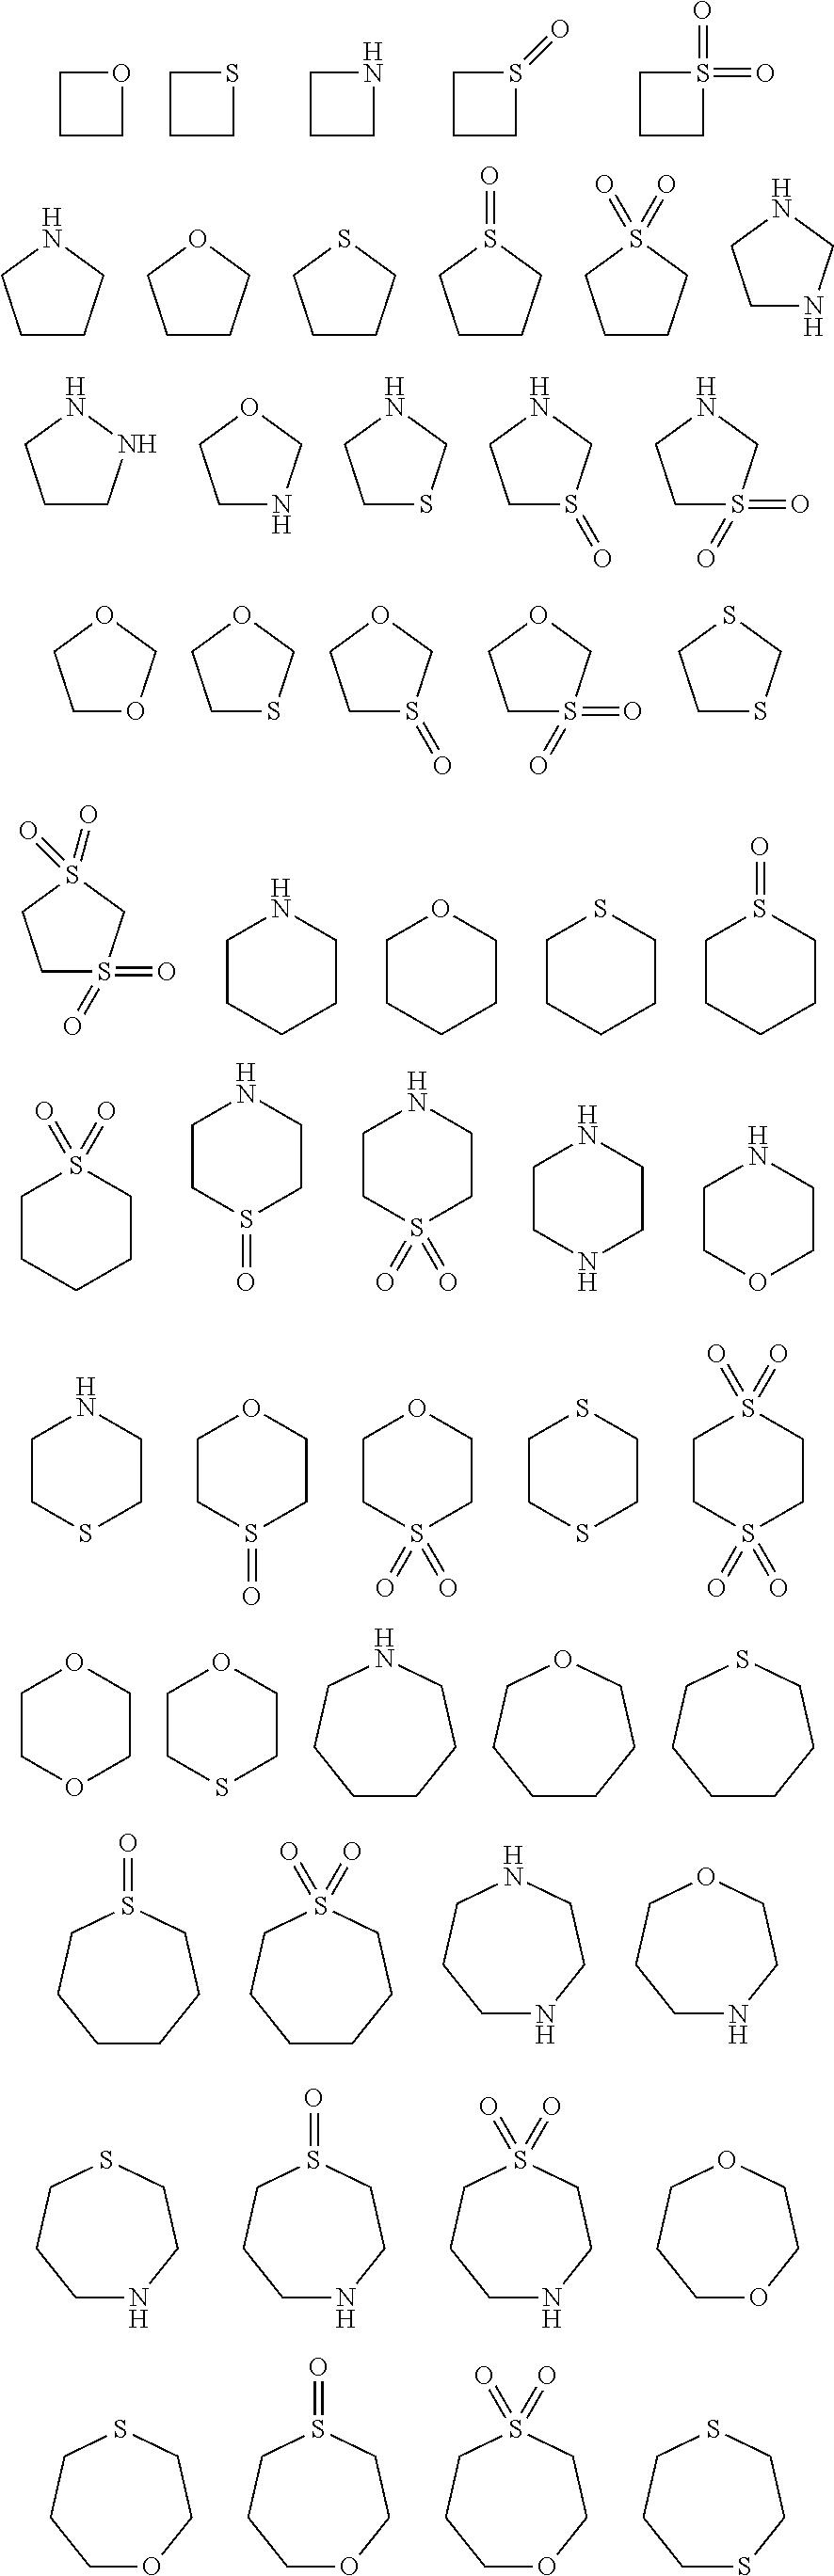 Figure US08895581-20141125-C00016